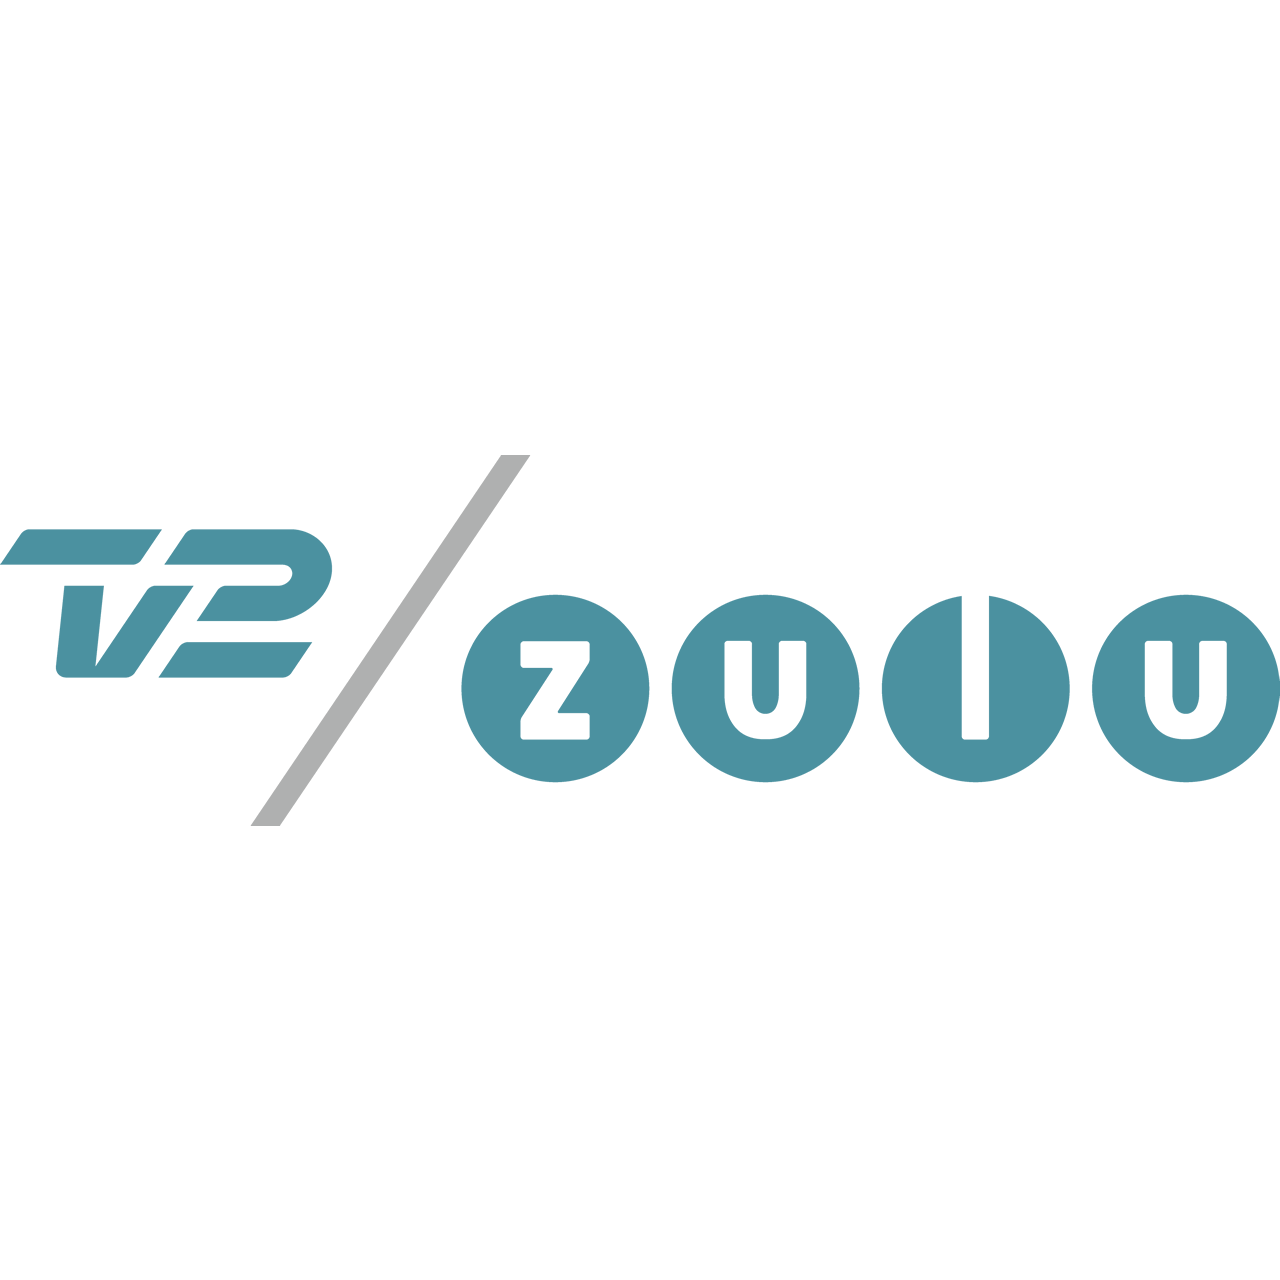 Profilo Tv2 Canale Tv